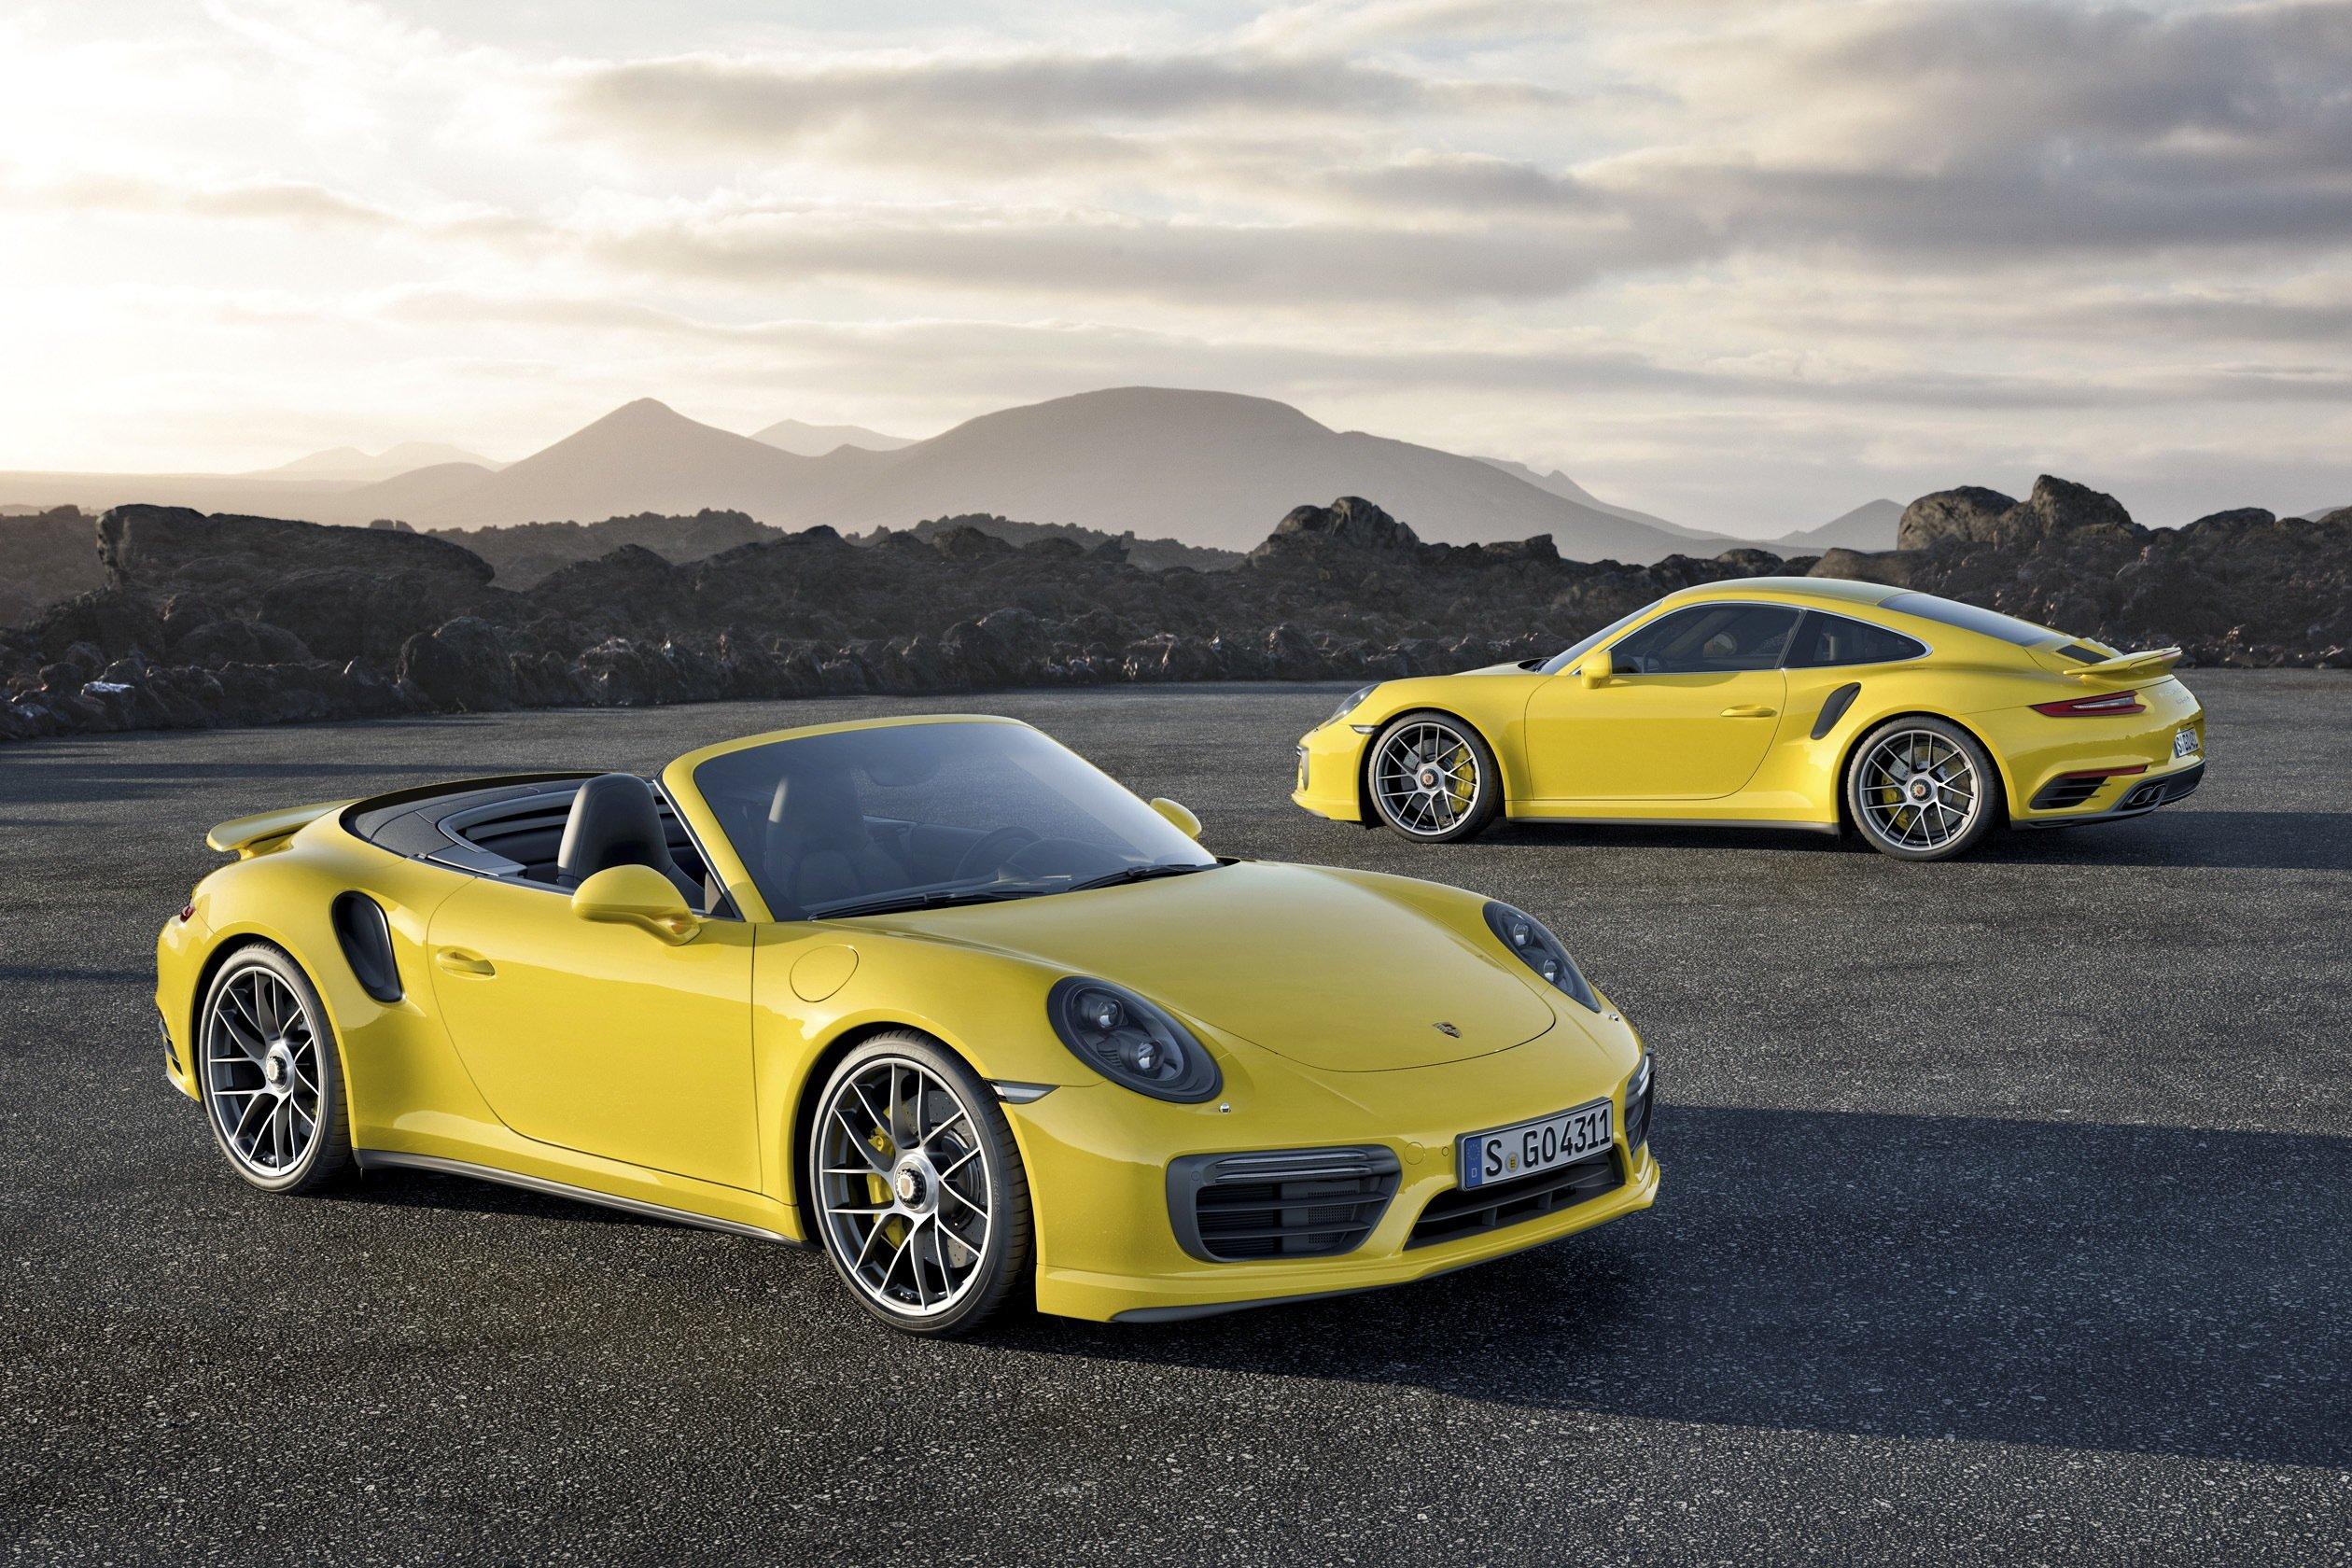 Porsche 911 S Turbo und Cabrio: Mit dem überarbeiteten 911 S will Porsche die Amerikaner auf der Detroit Motor Show begeistern.